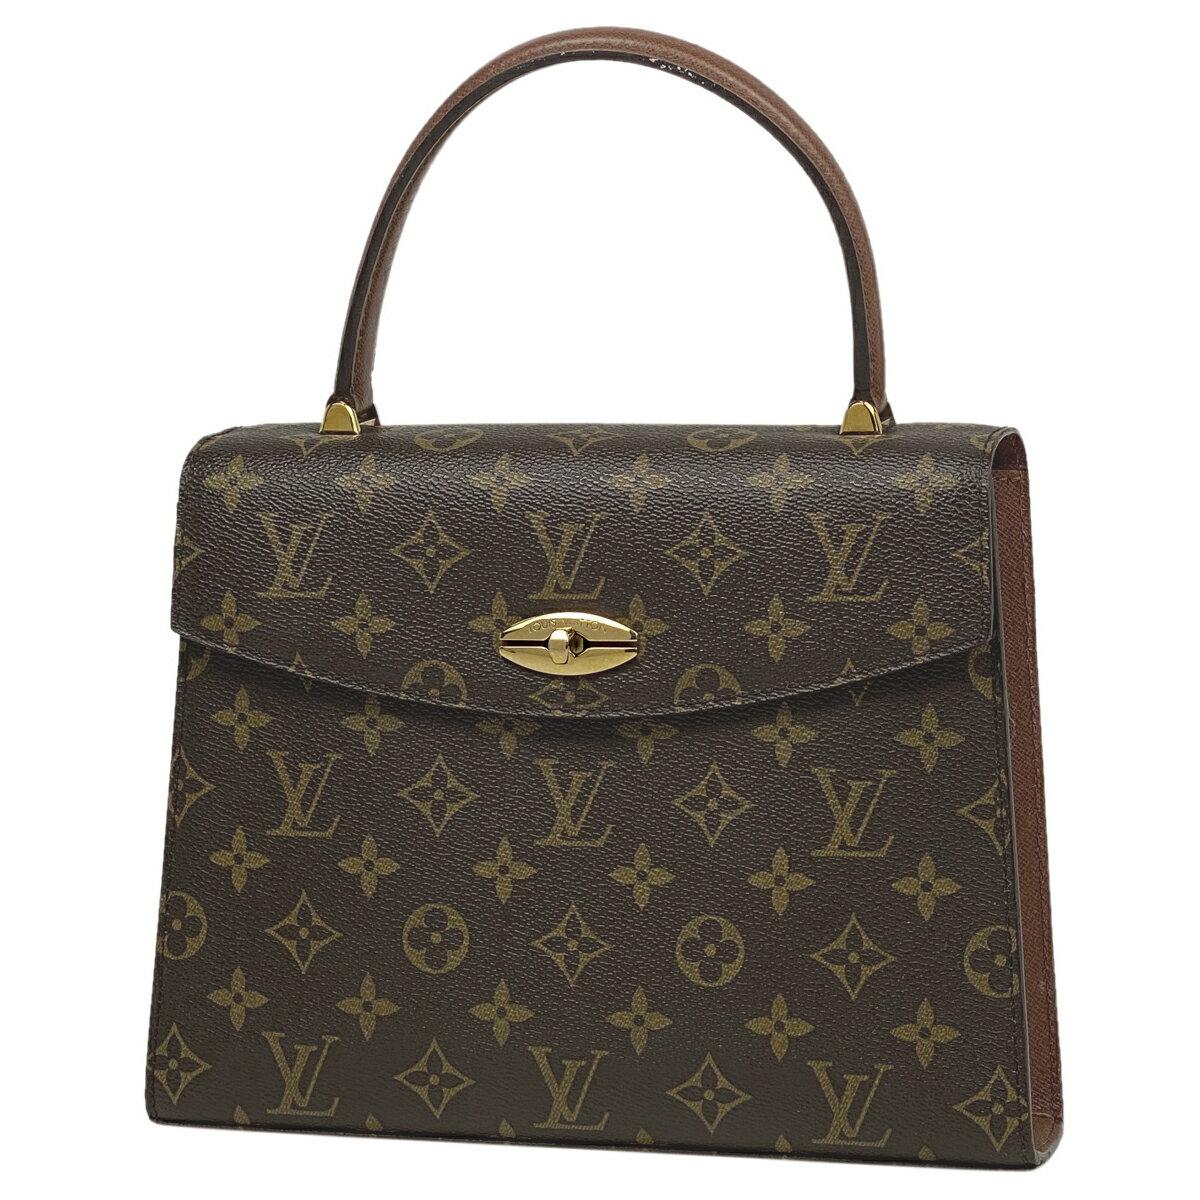 レディースバッグ, ハンドバッグ  Louis Vuitton M51379